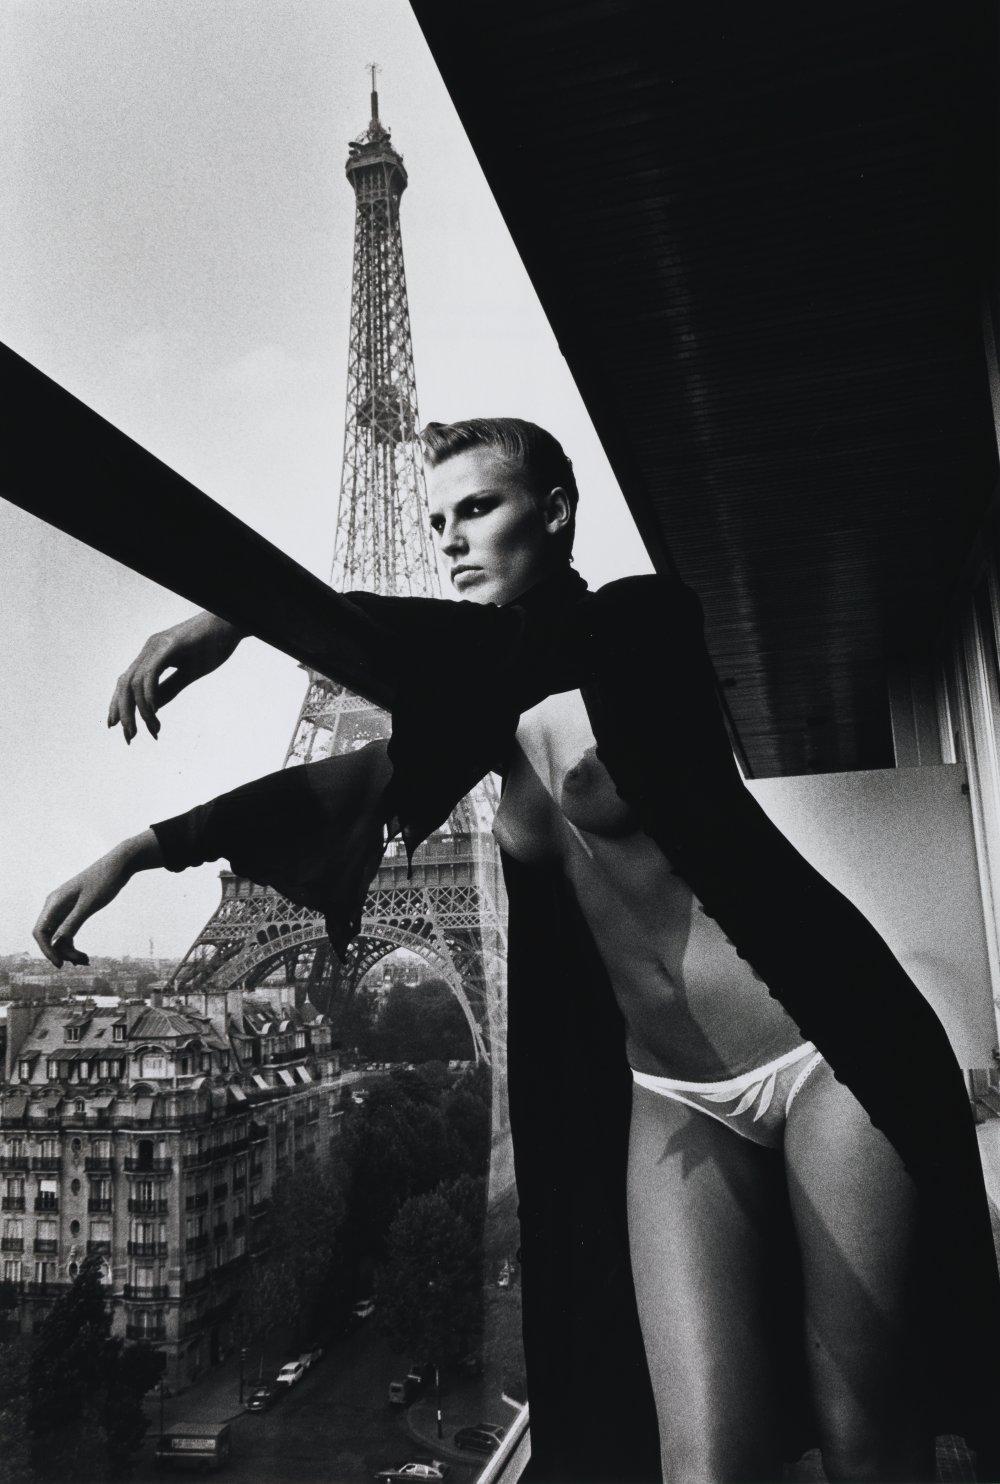 10th floor, Hilton Hotel, Paris, 1976